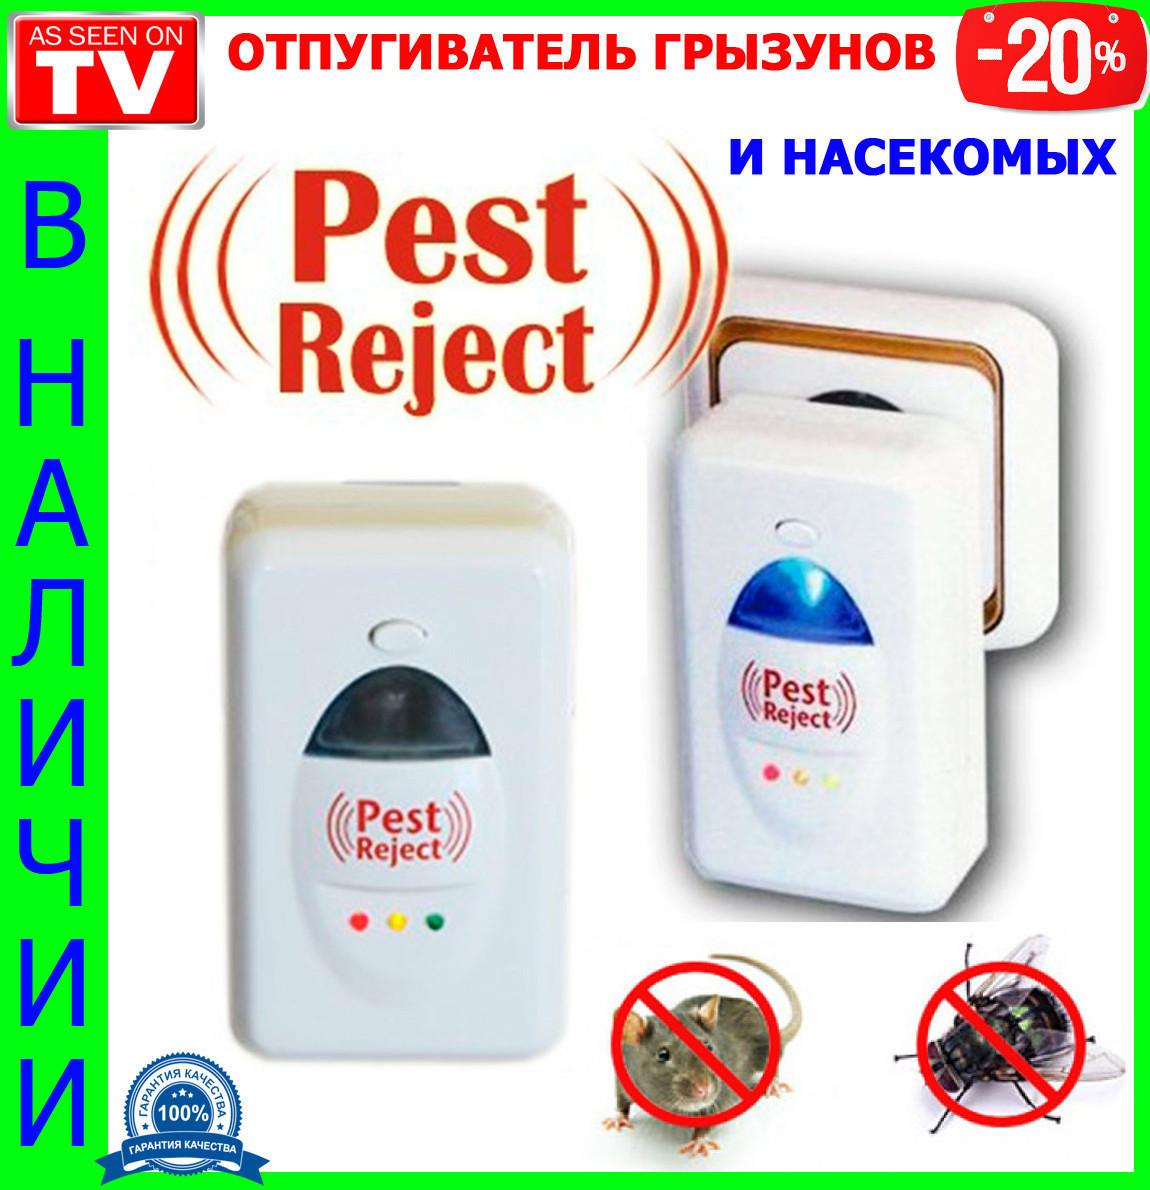 Pest Reject - ультразвуковой отпугиватель грызунов, тараканов, всех видов насекомых!, фото 1